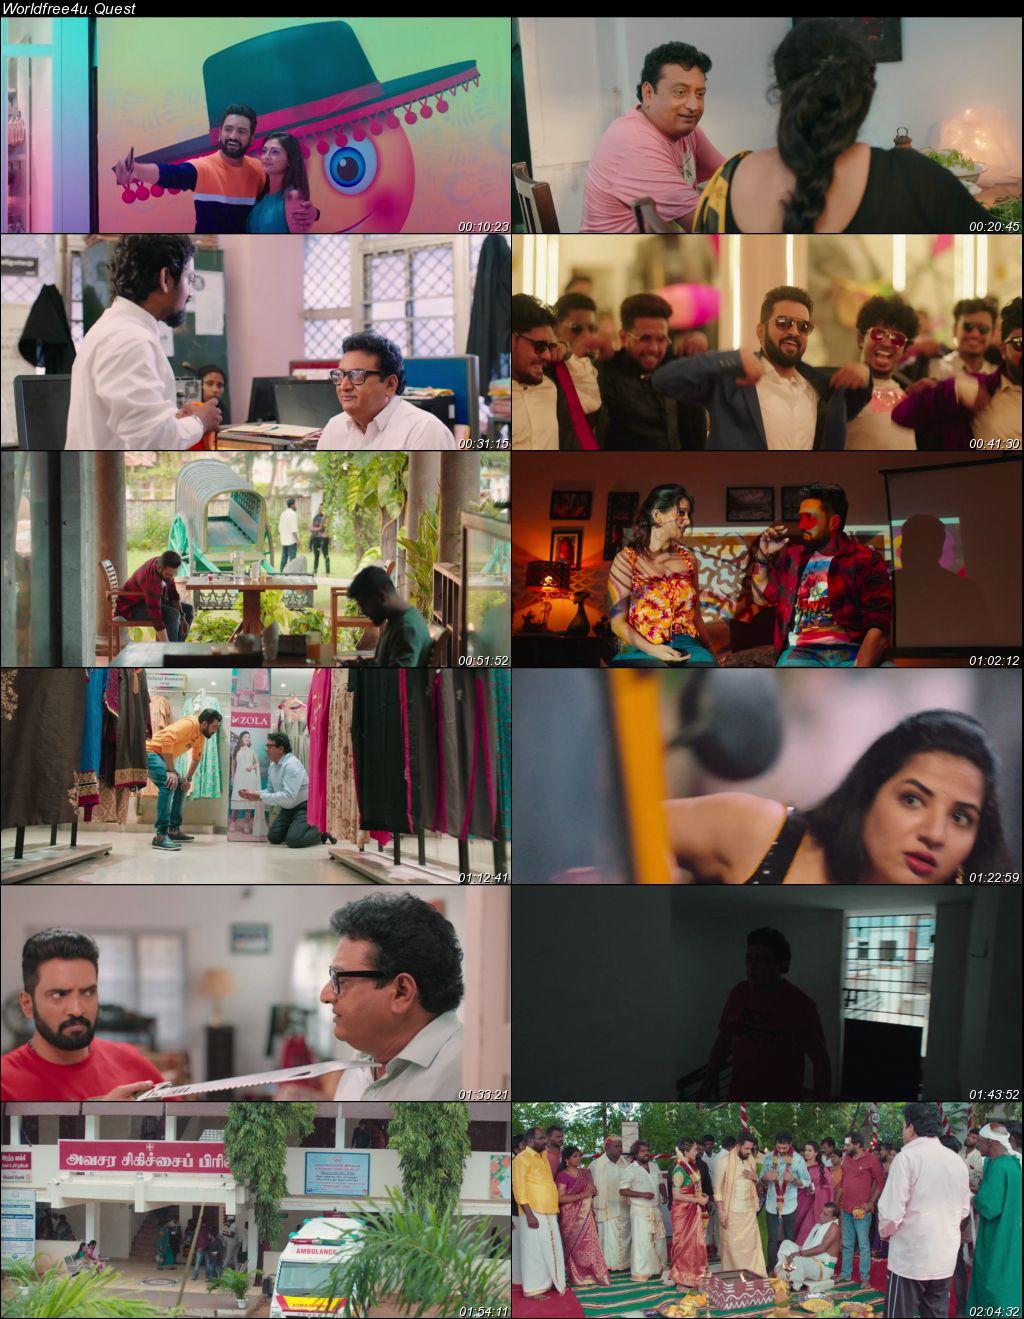 Parris Jeyaraj 2021 Hindi Dubbed Movie Download || HDRip 1080p || 720p || 480p